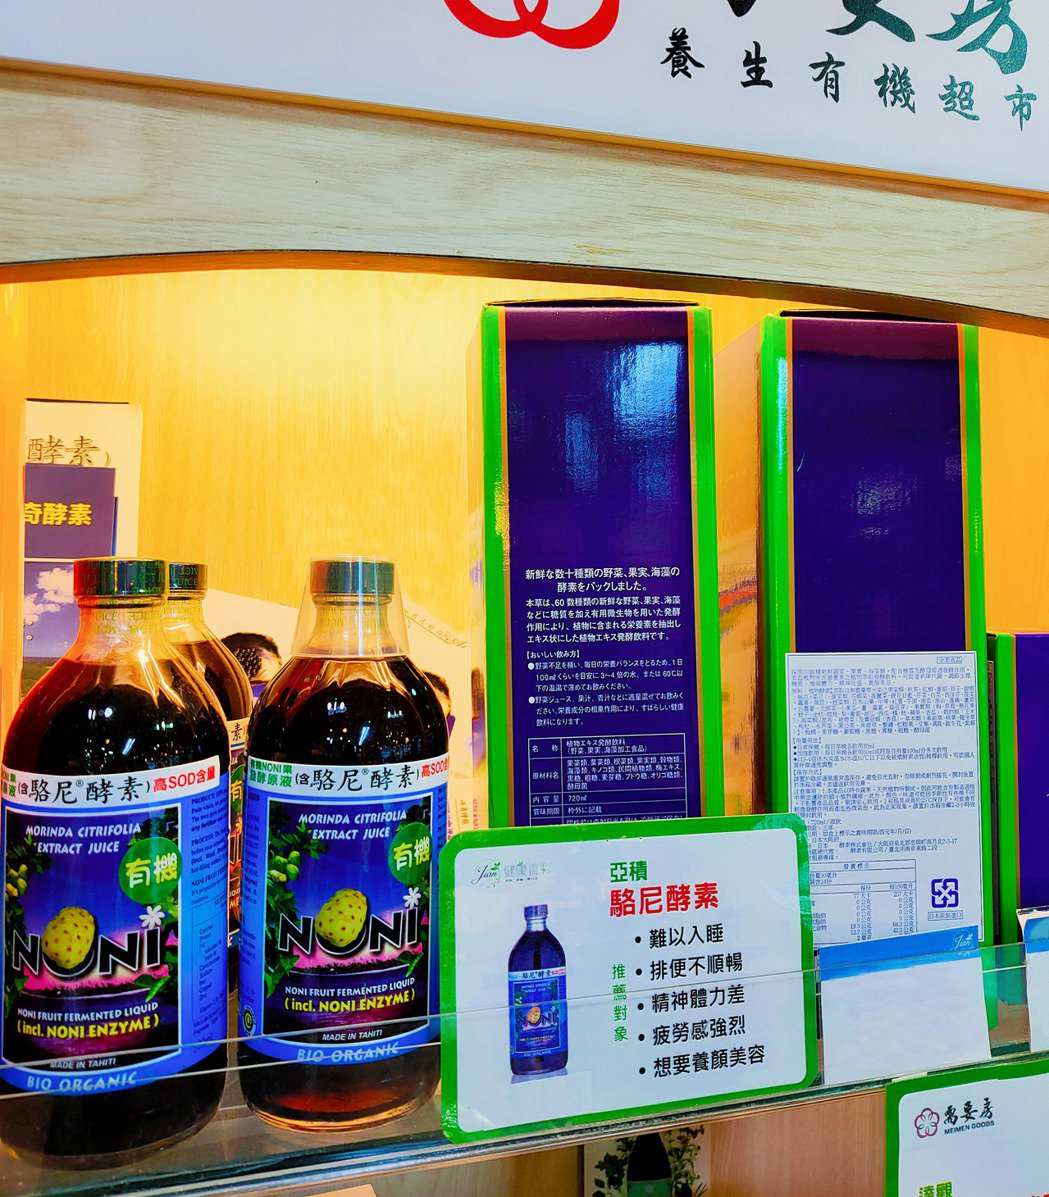 挑選天然酵素三大要點「無加糖、有機認證、高SOD酵素含量」。亞積生技/提供